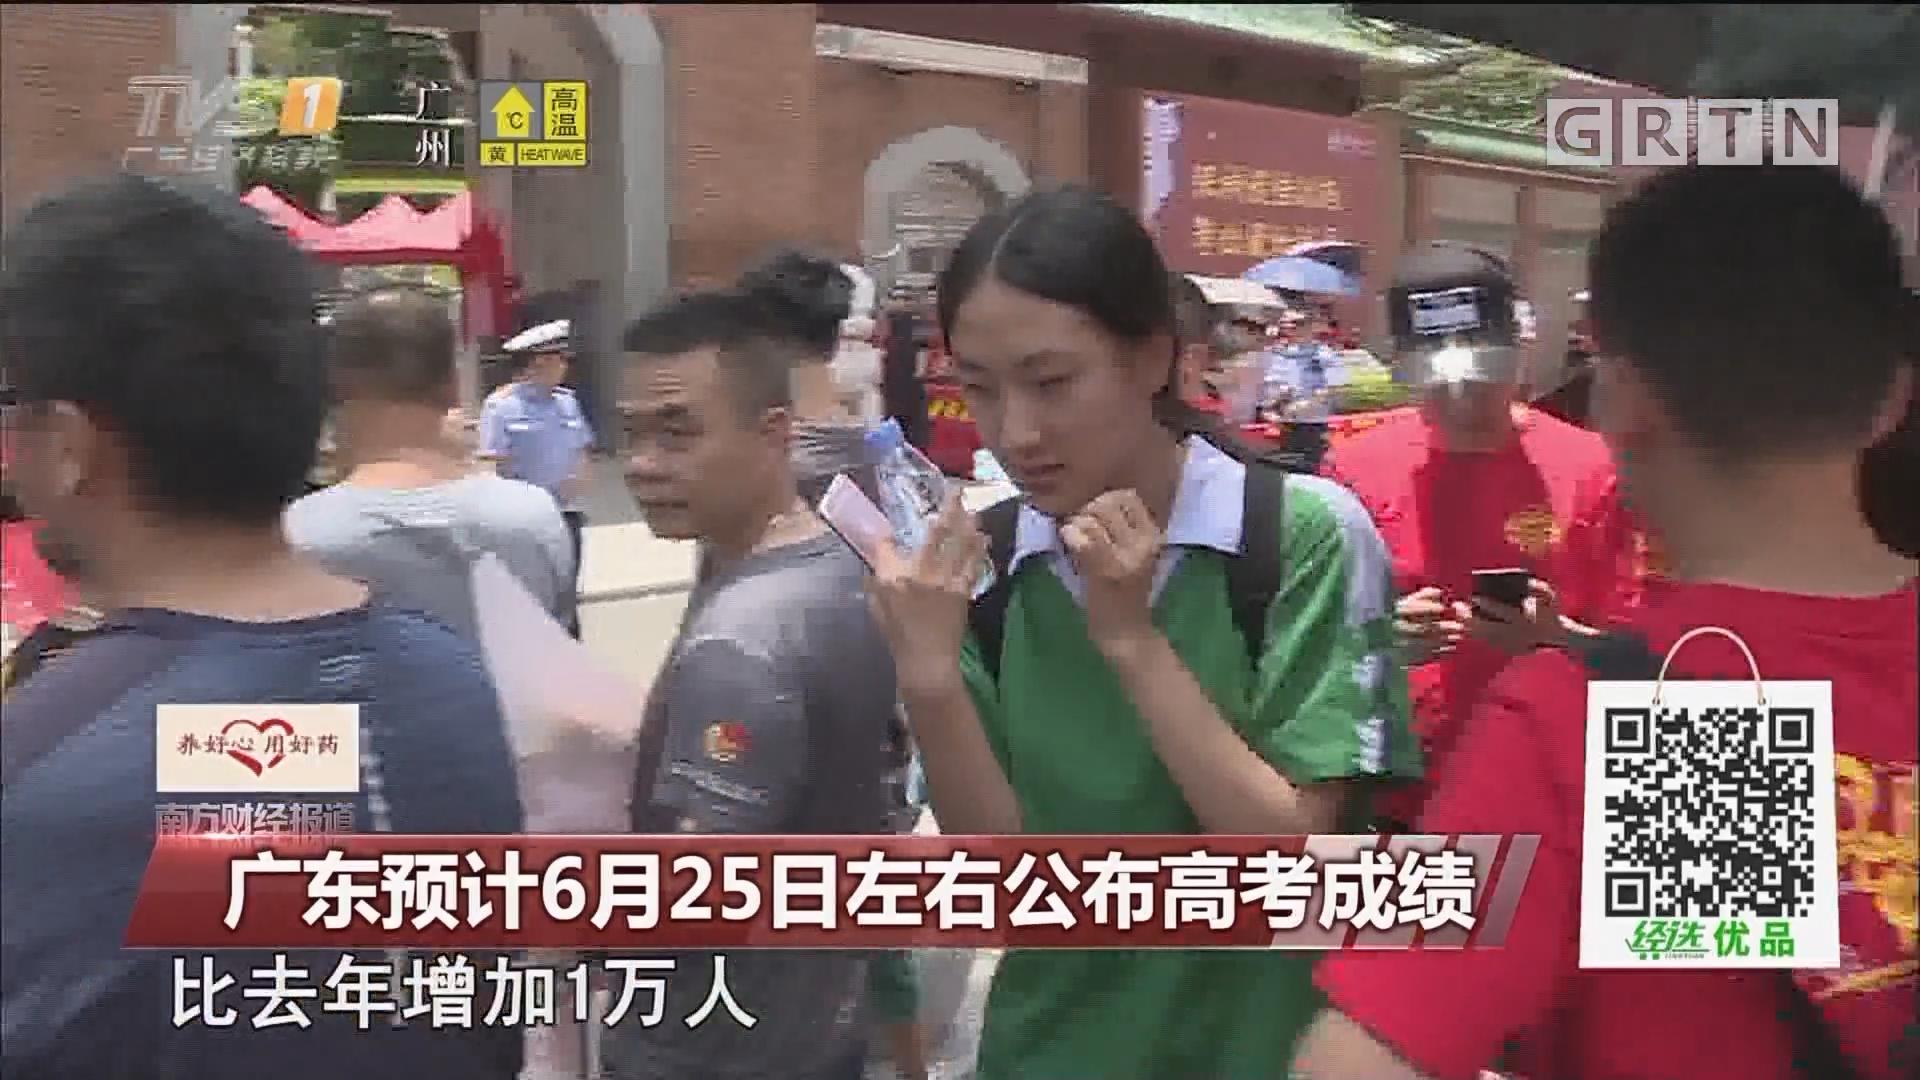 广东预计6月25日左右公布高考成绩